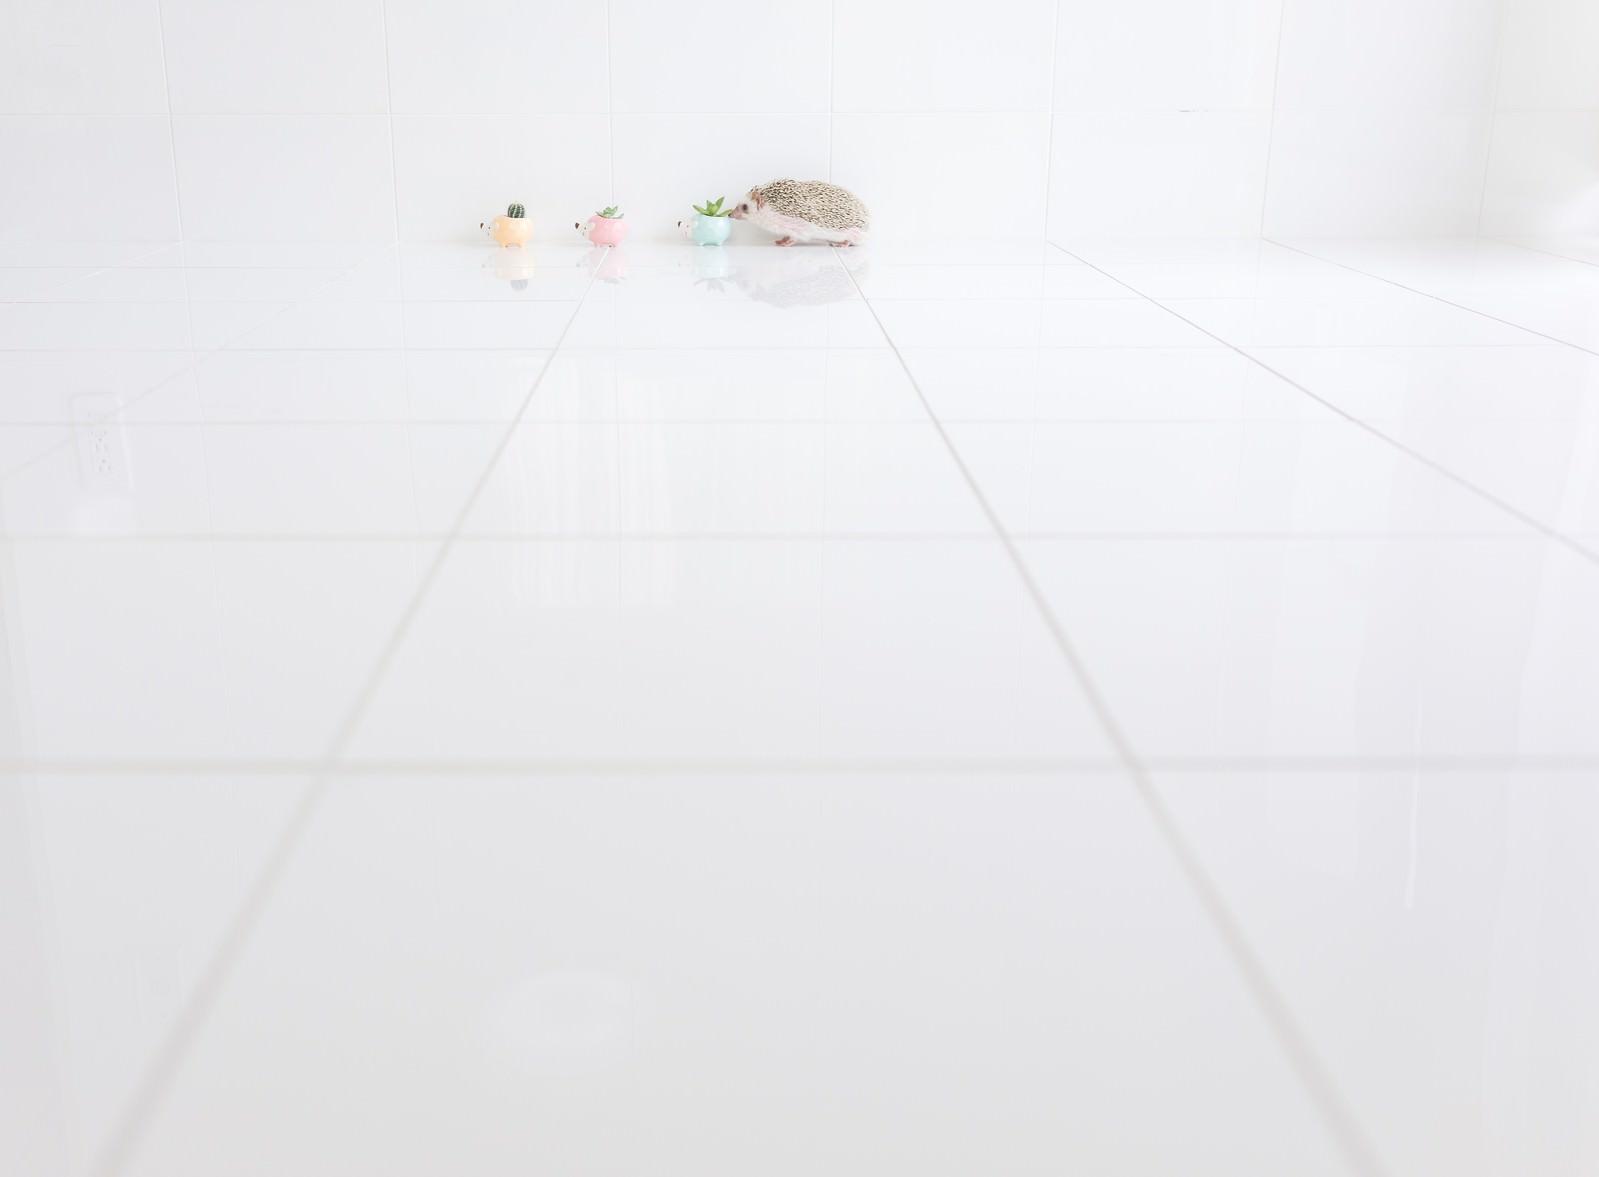 「壁沿いのハリネズミの行進」の写真